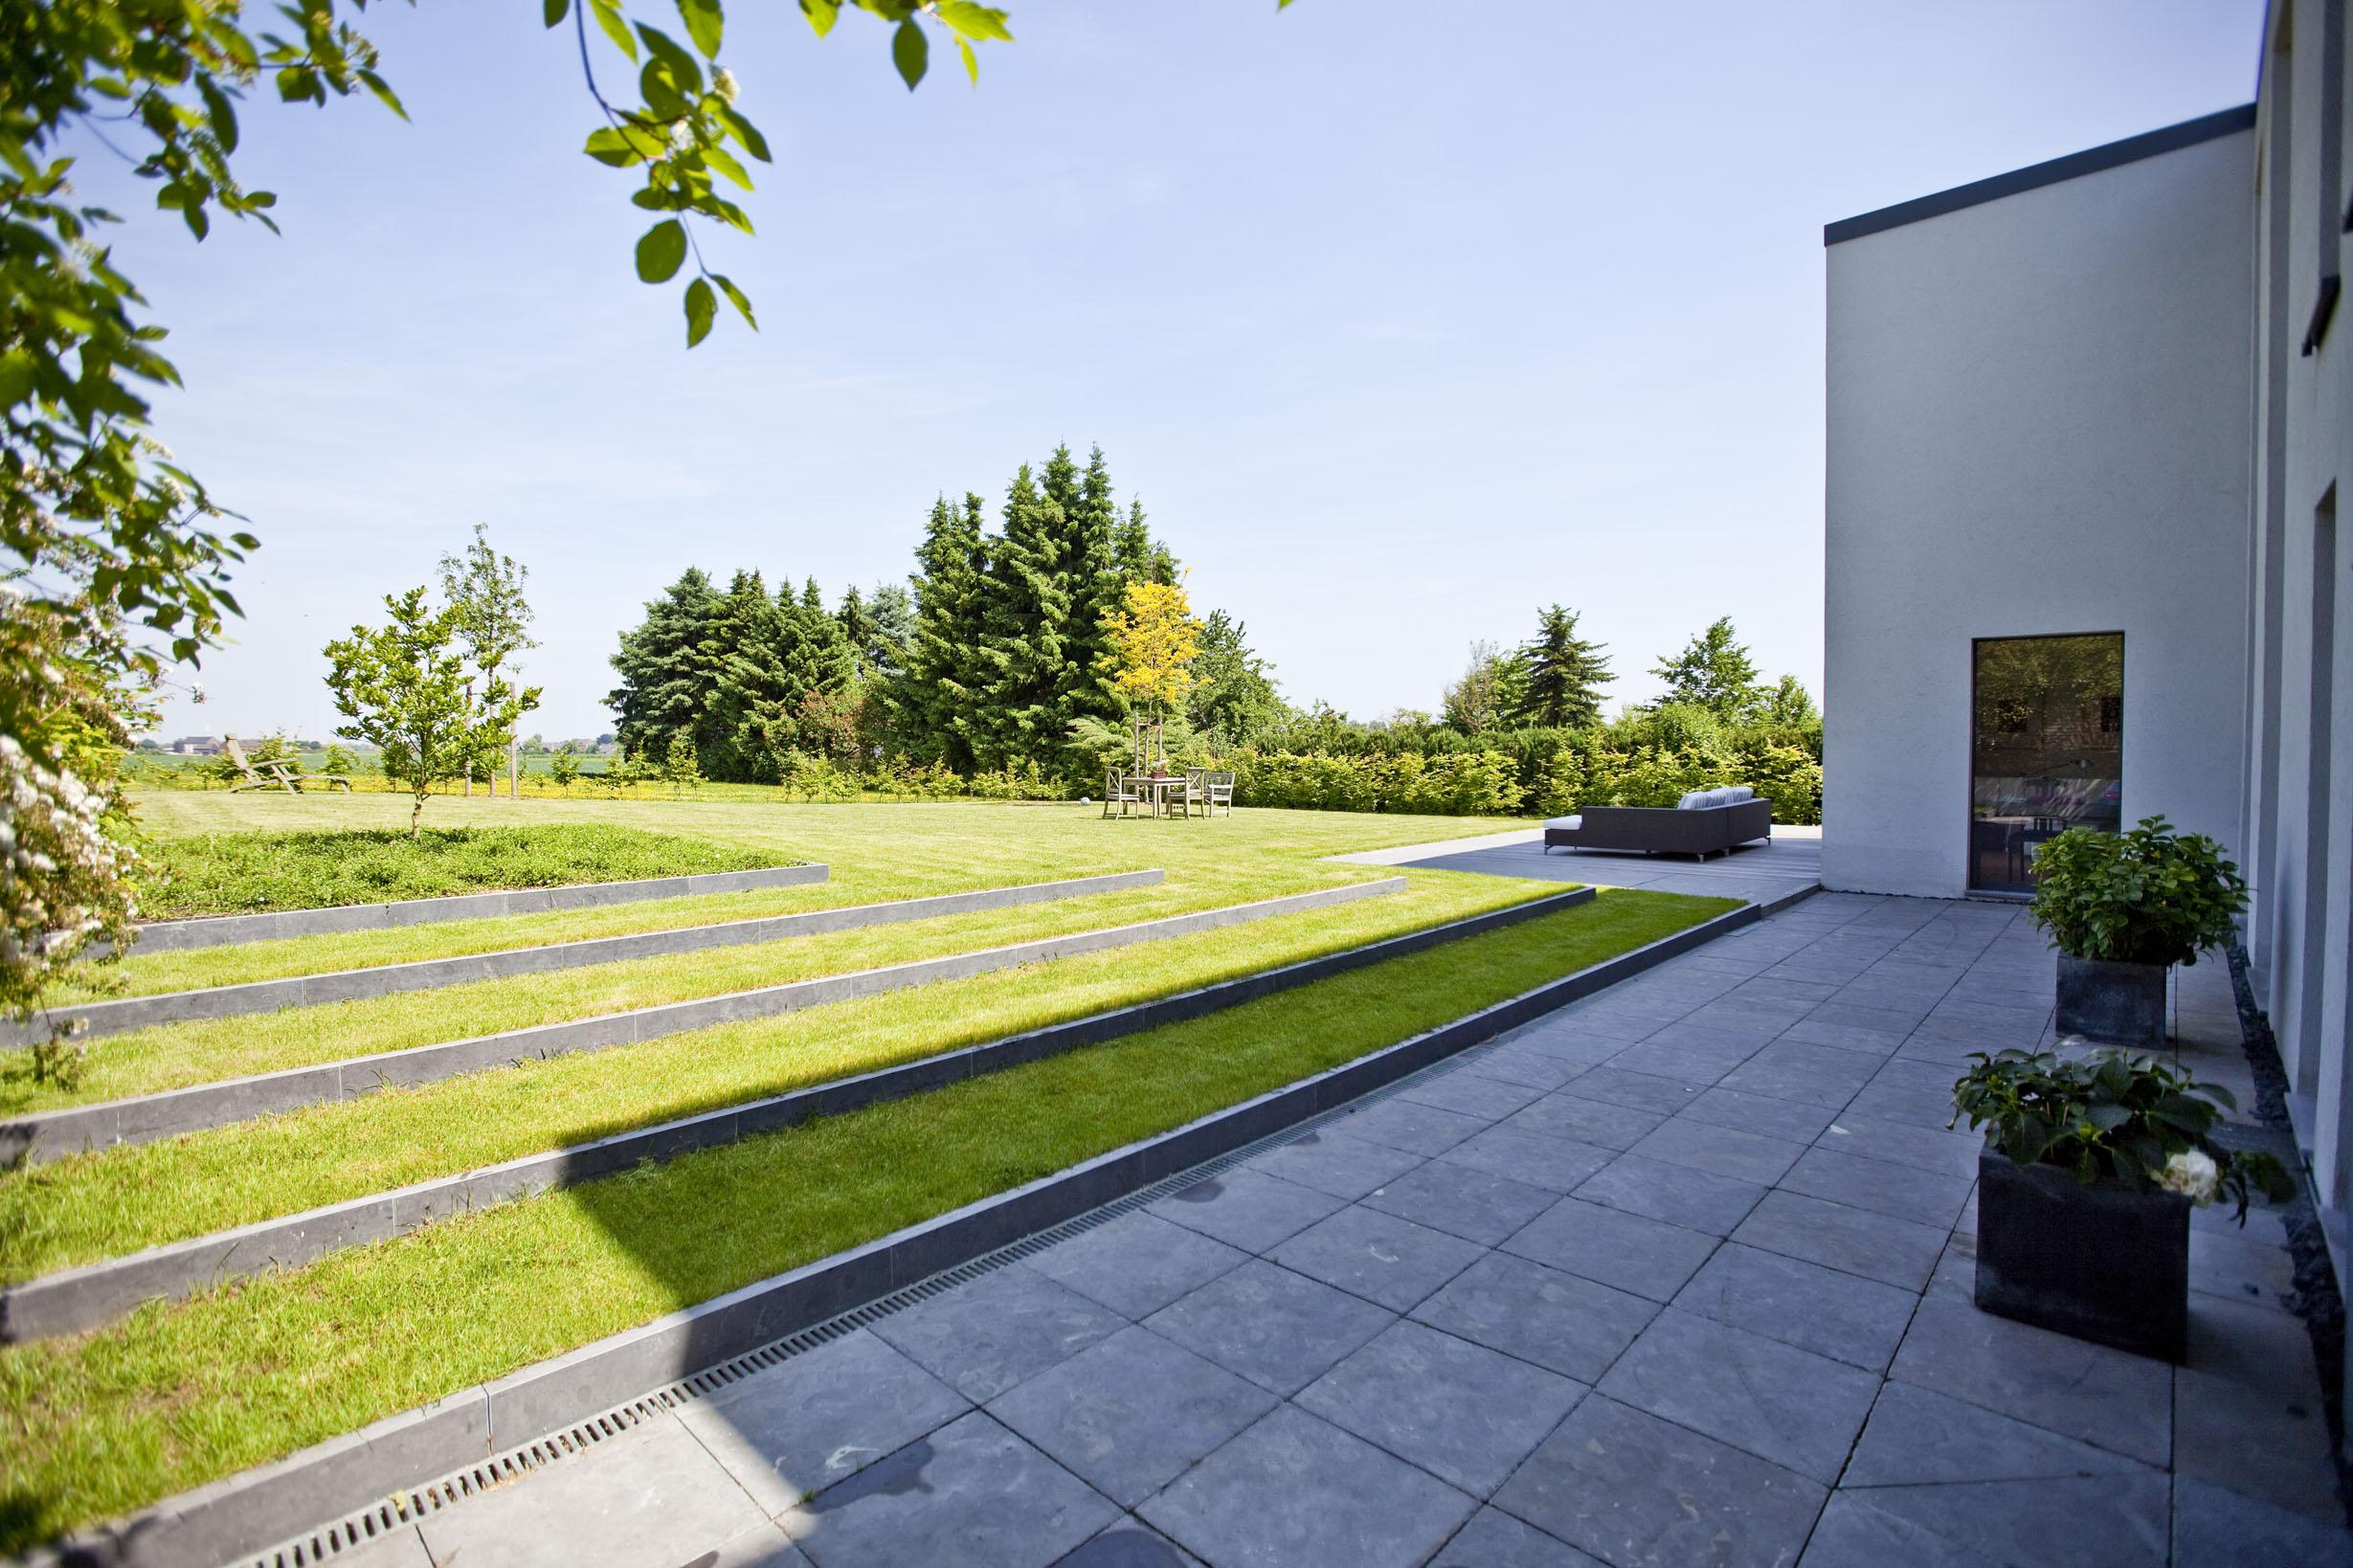 Privat gr n landschaftsarchitektur d sseldorf for Minimalistischer vorgarten